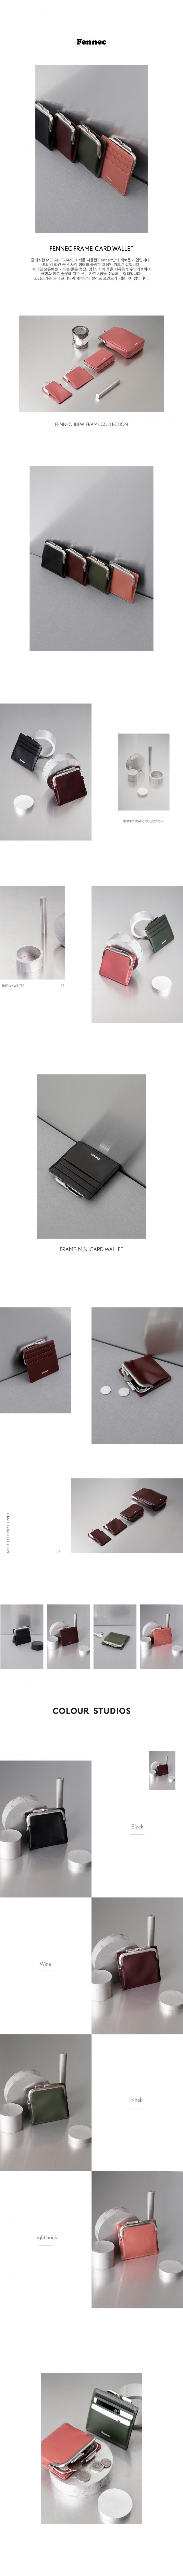 페넥(FENNEC) FRAME CARD WALLET - WINE